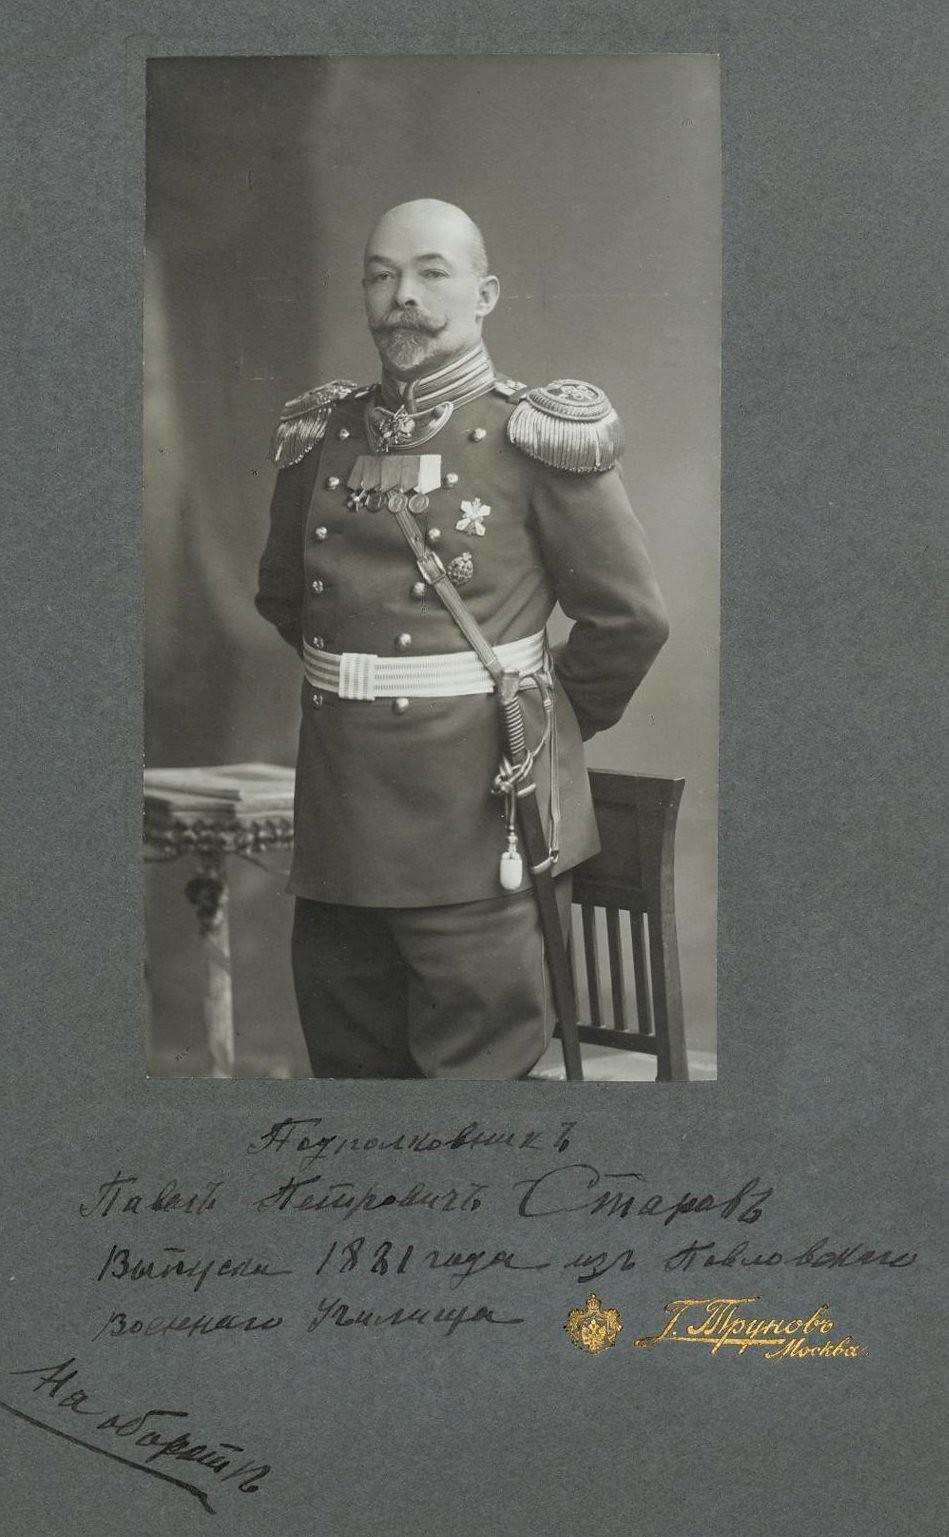 1910. Старов Павел Петрович - подполковник